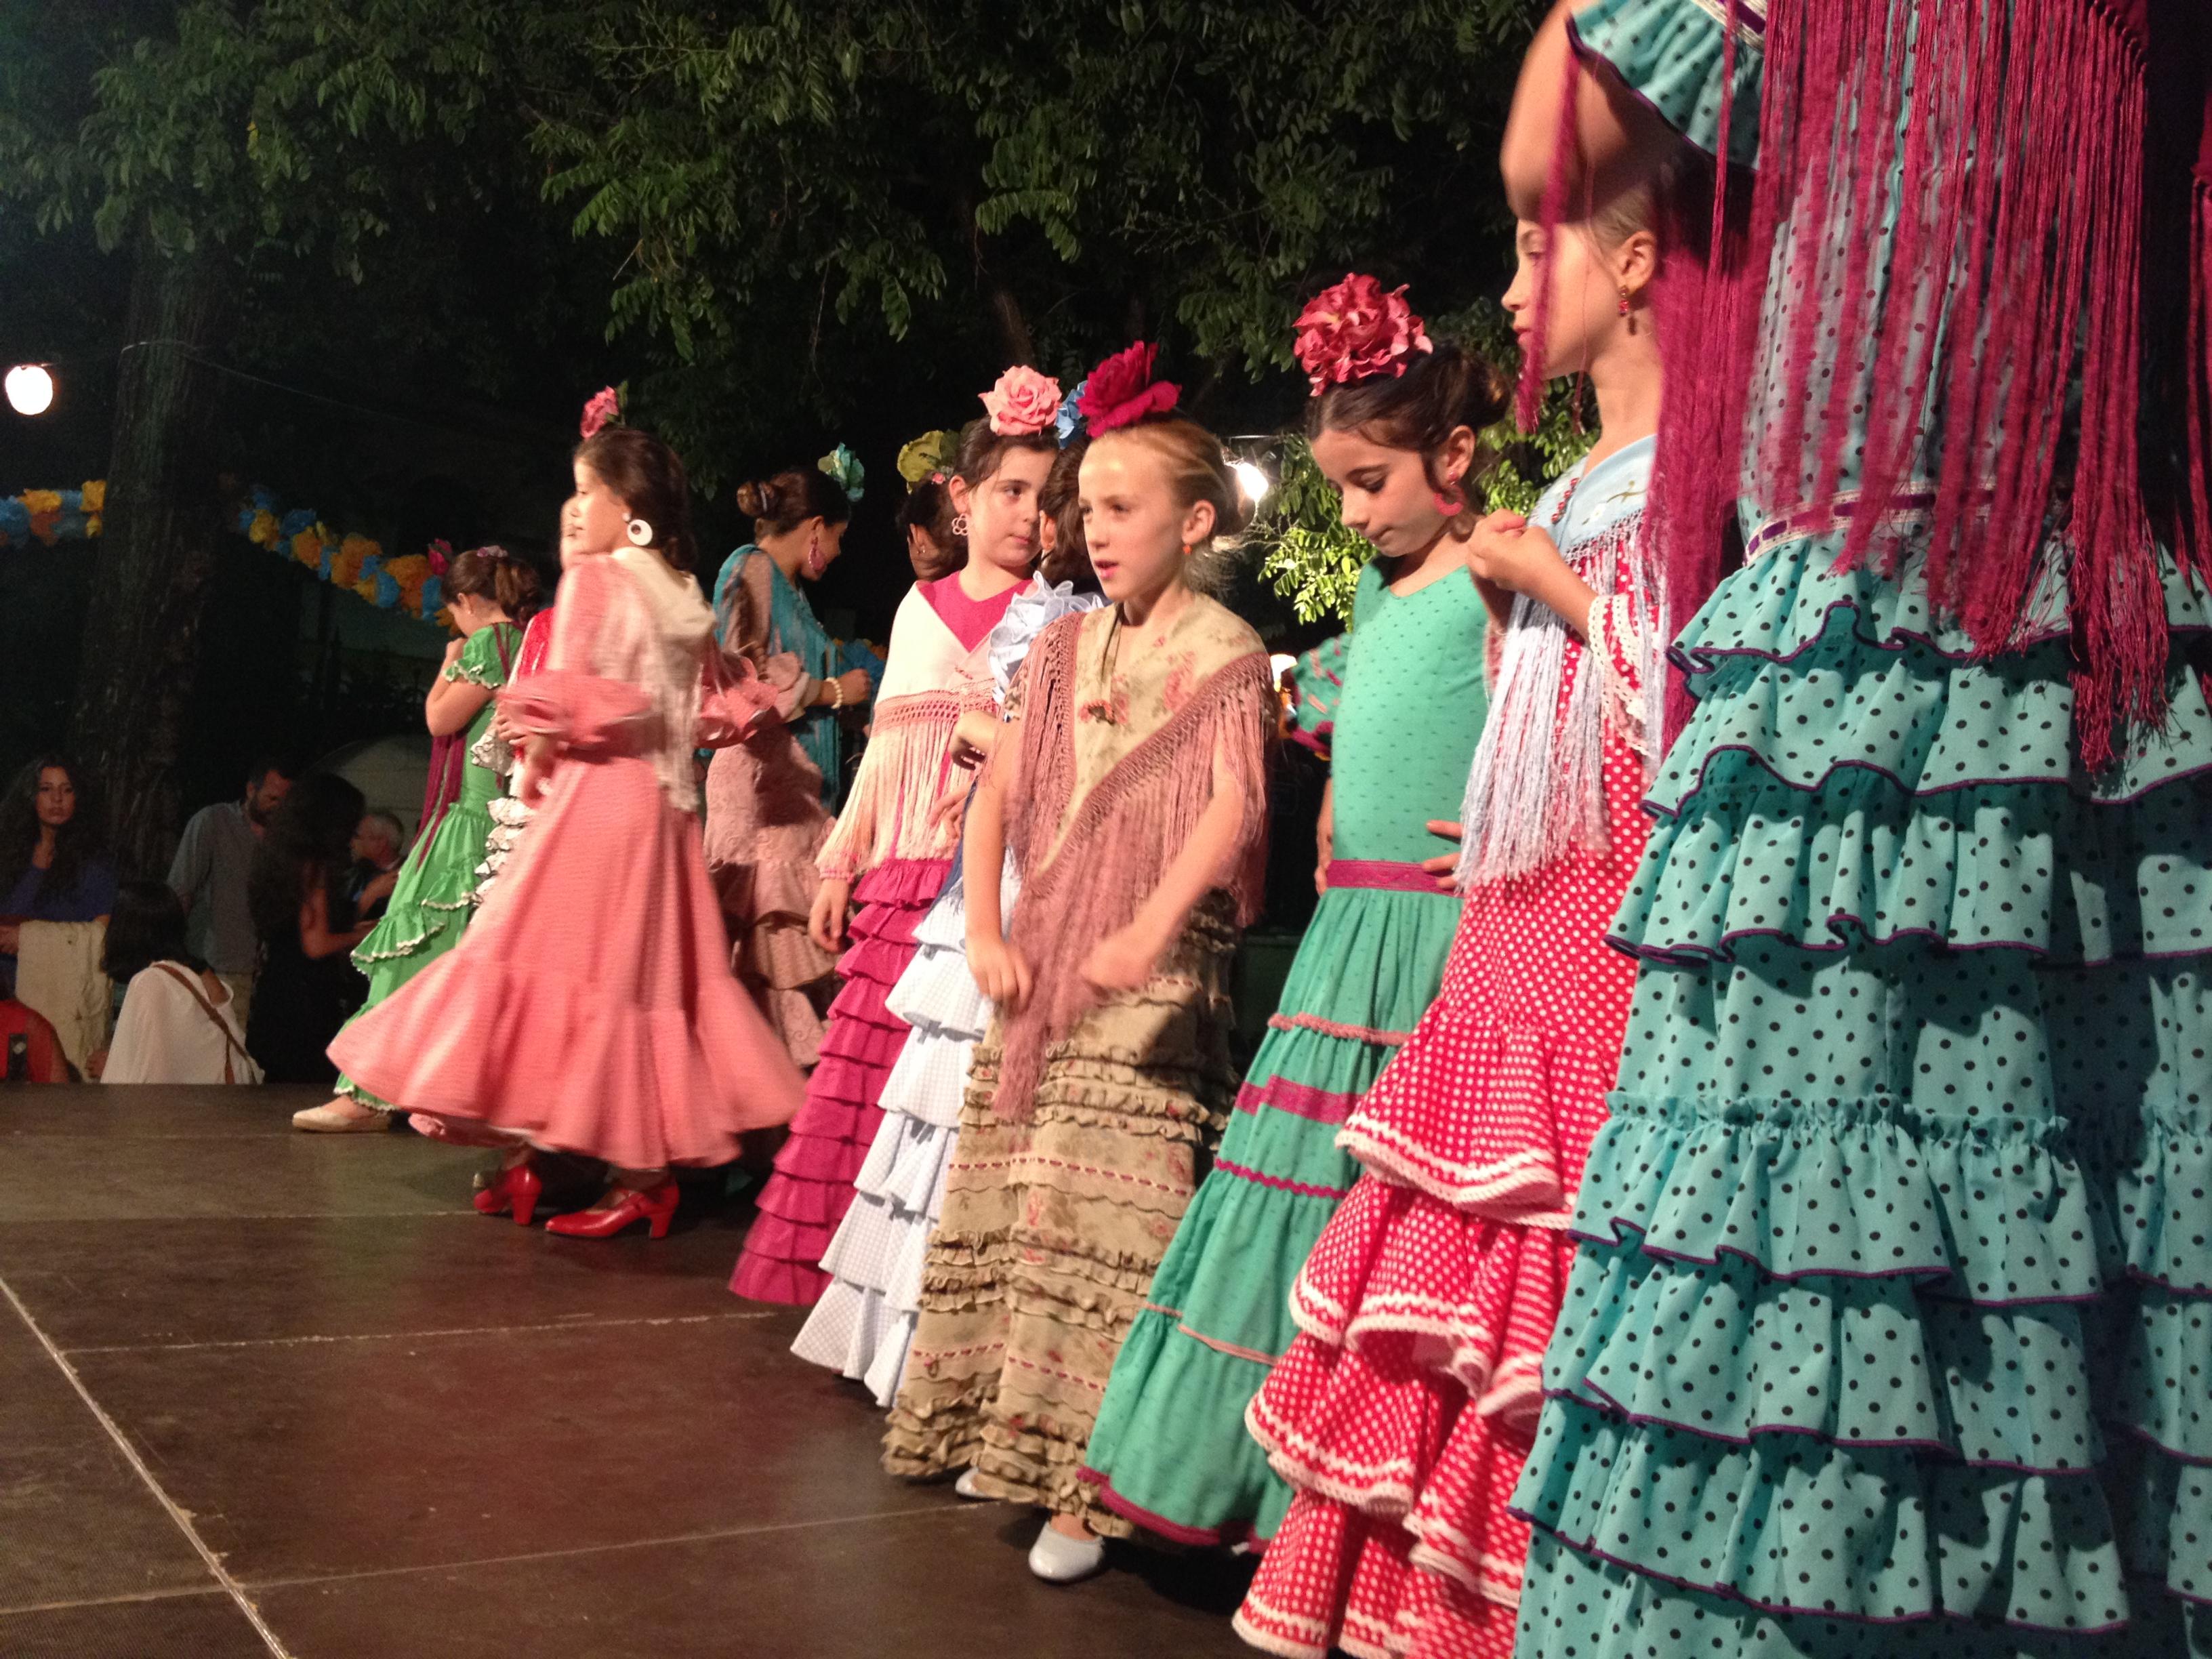 Un saggio di flamenco tra le strade di Siviglia